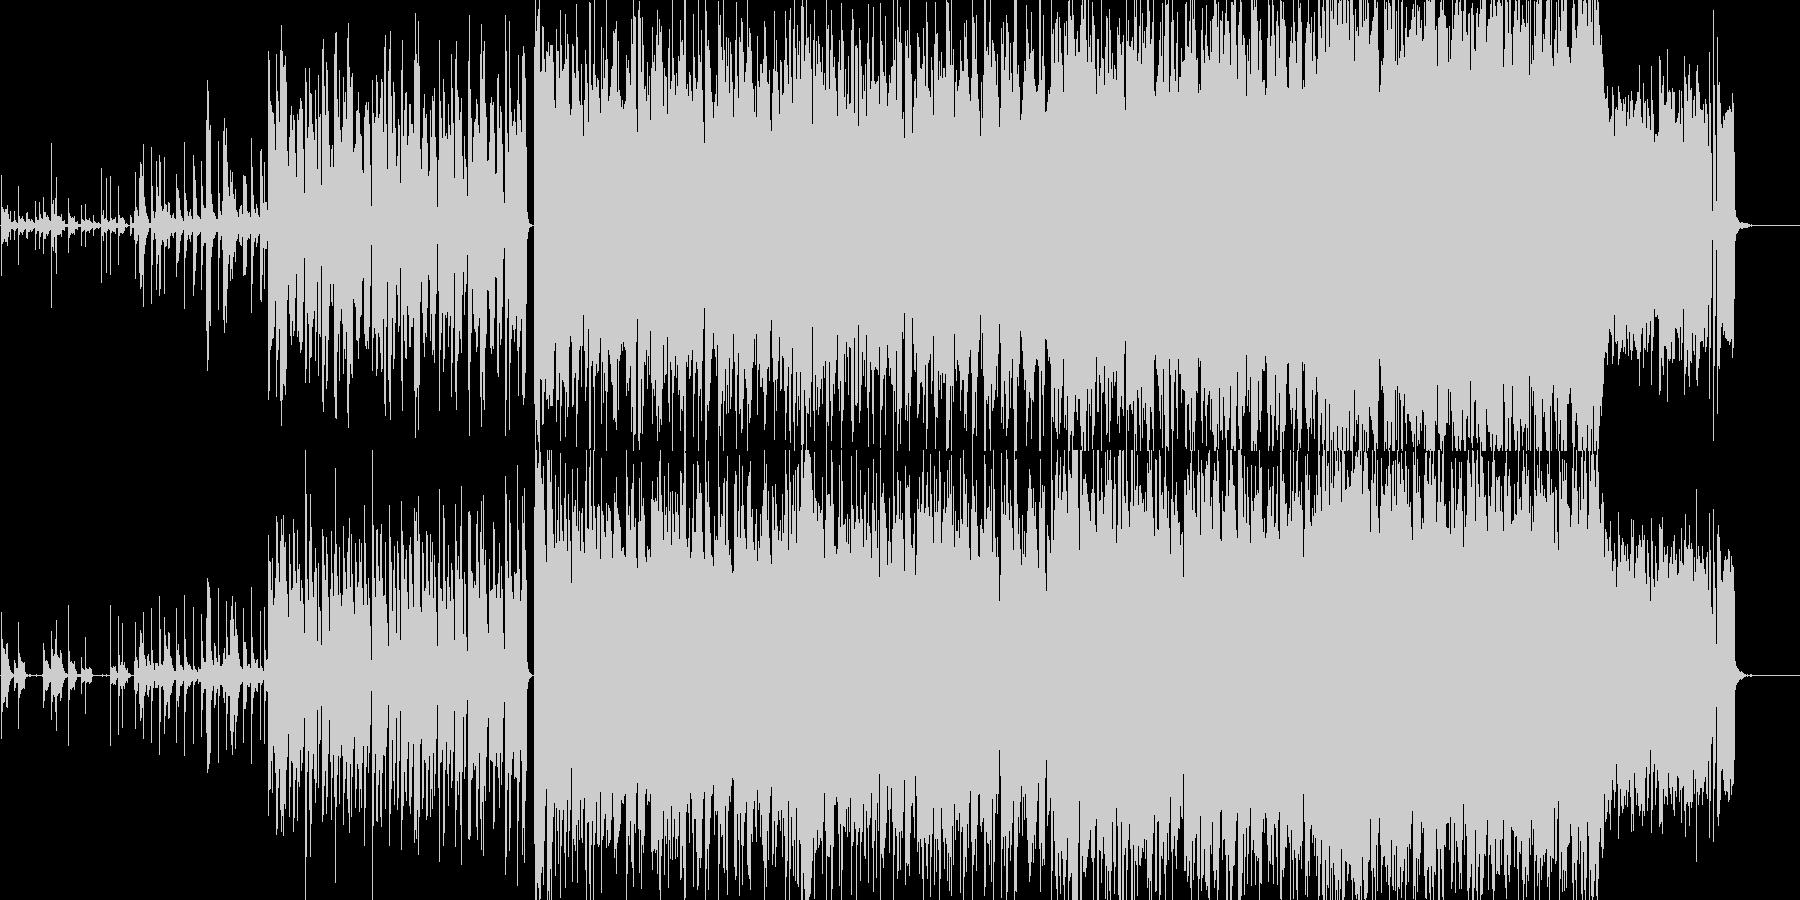 ドラムが特徴的な疾走感のあるインストの未再生の波形